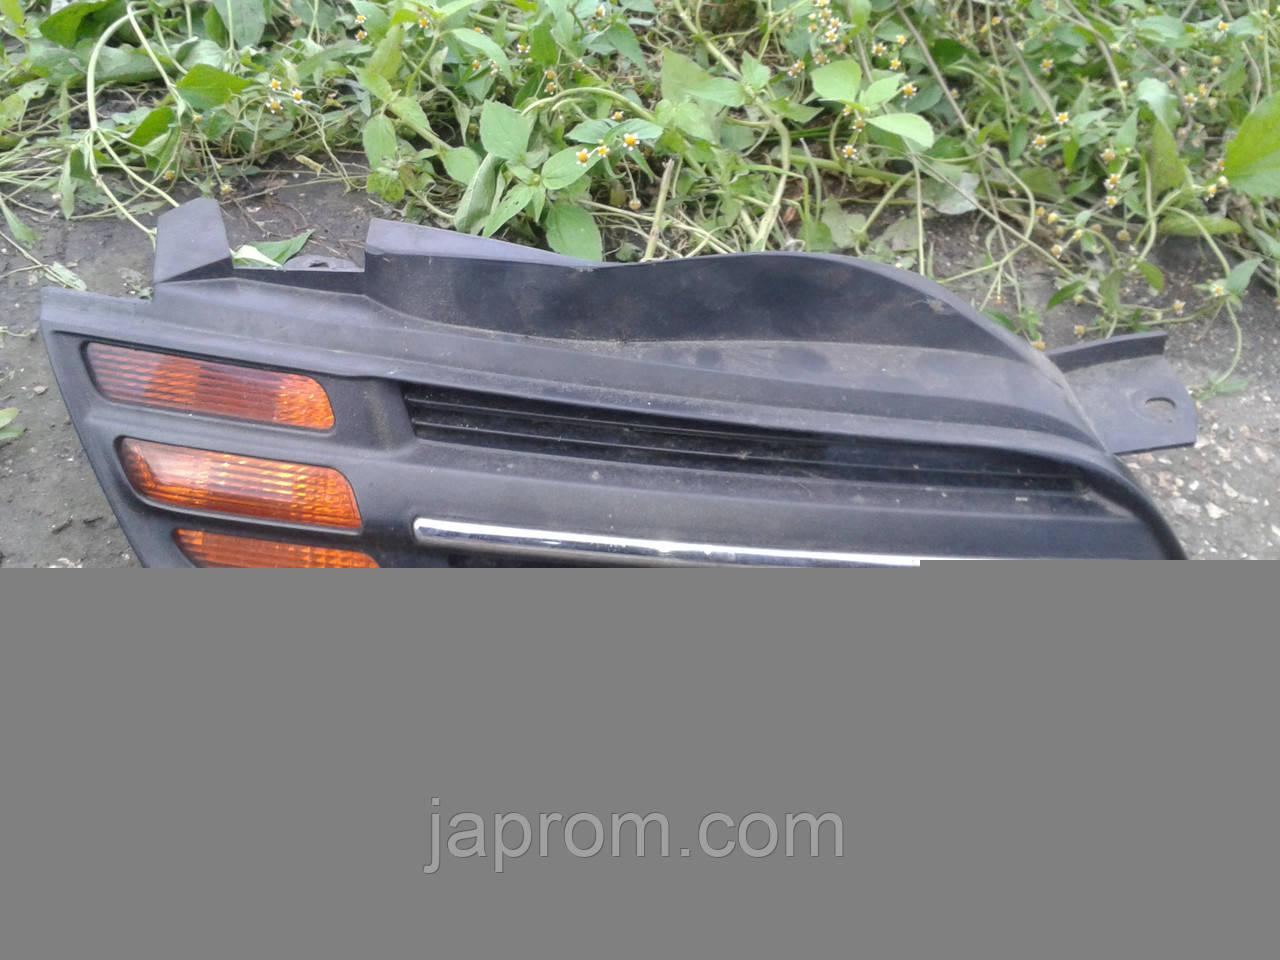 Решетка радиатора в капоте правая + указатель поворота Nissan Micra K12 2002-2005г.в.